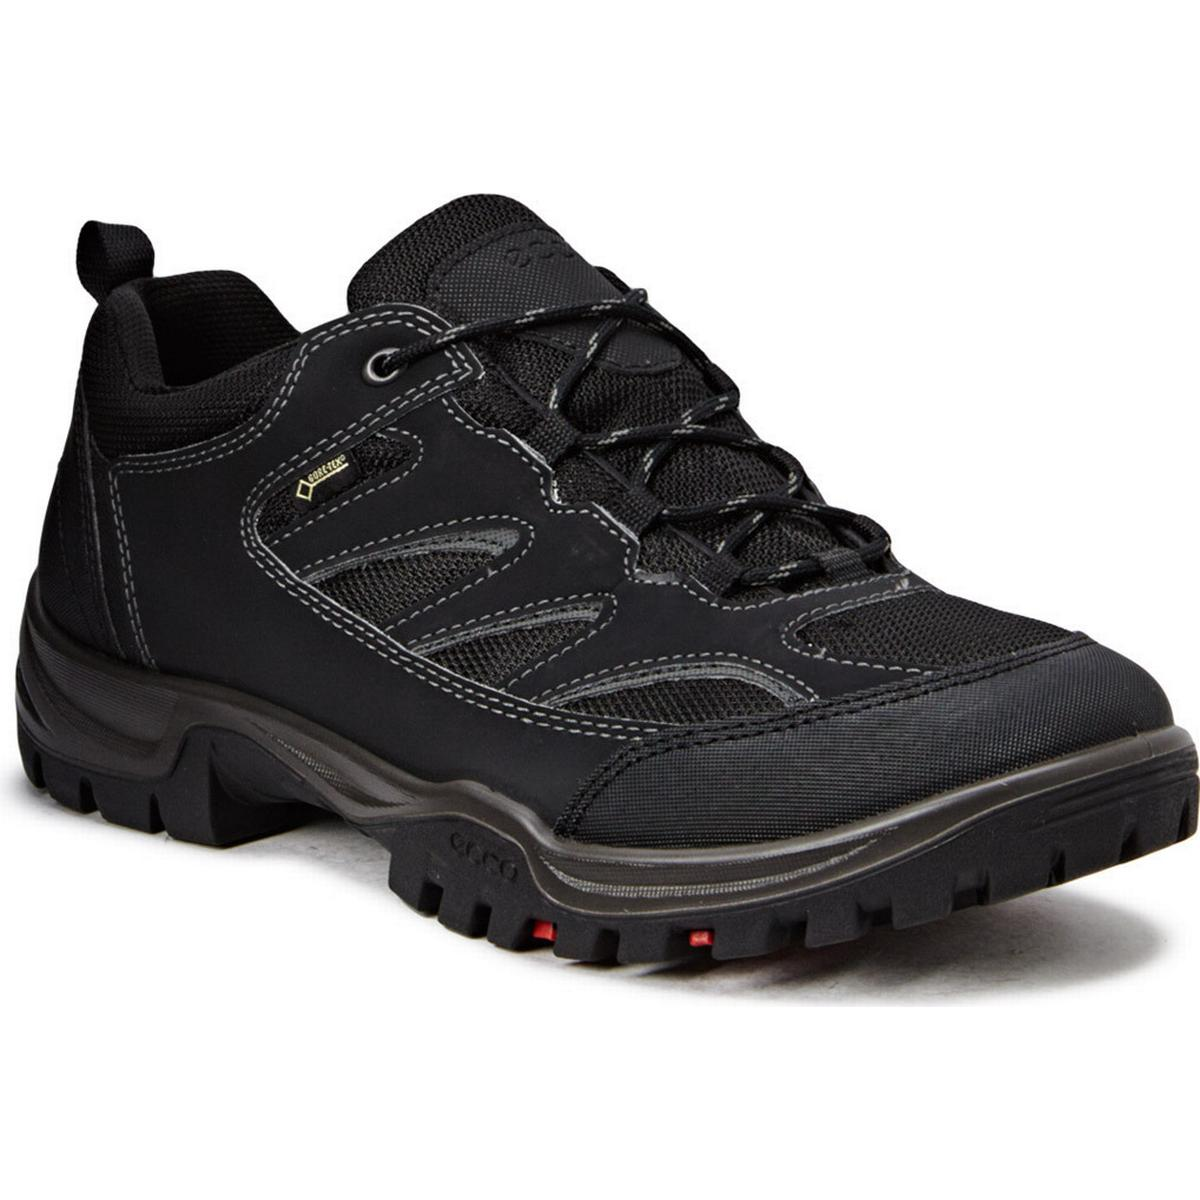 87cce907627c Ecco - Sammenlign priser på Ecco sko hos PriceRunner